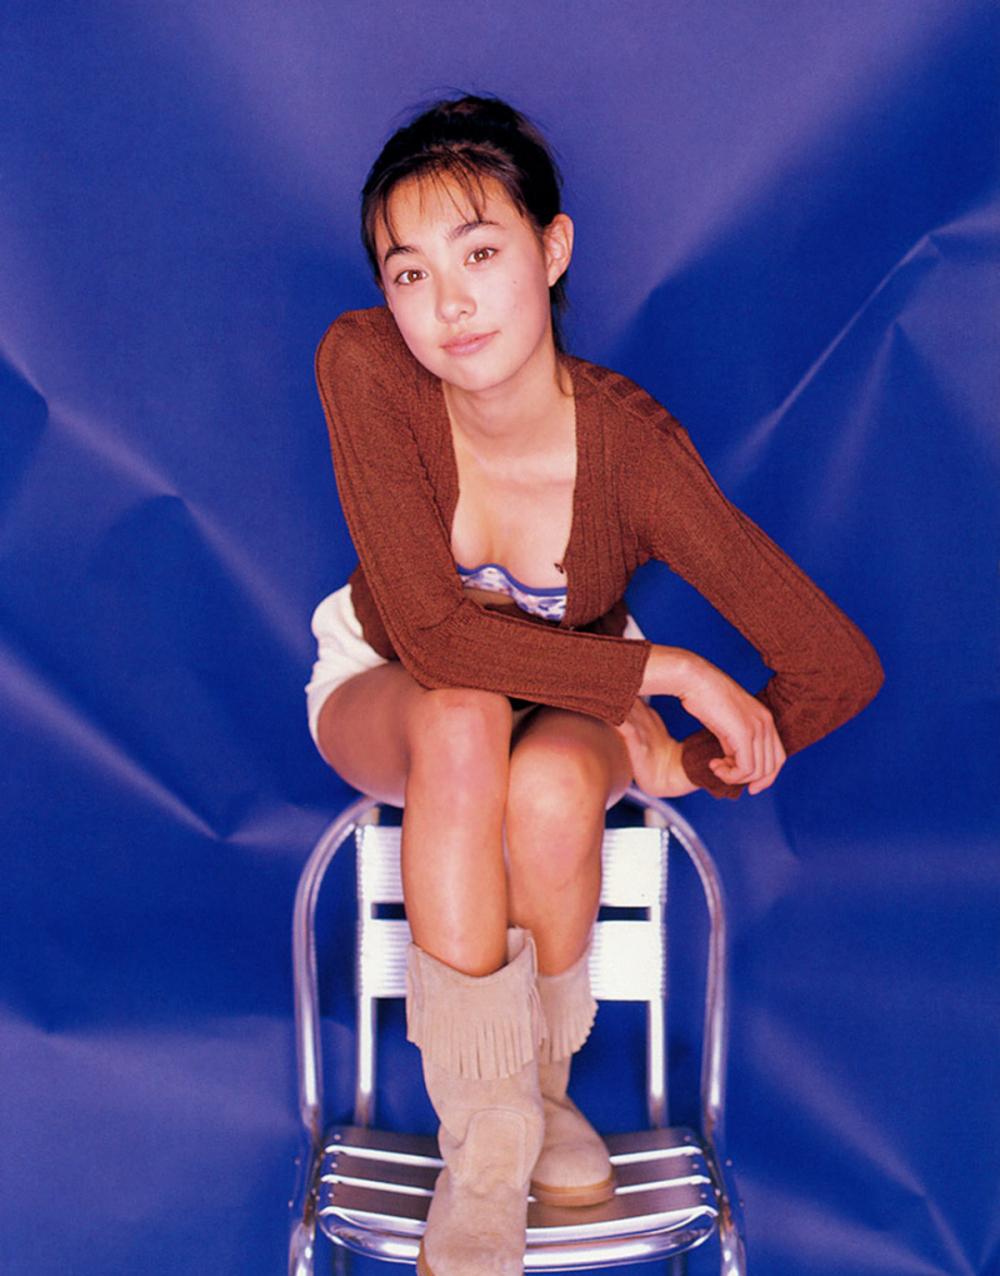 被锁在保险柜里的日本艺人吹石一惠的写真作品 (59)